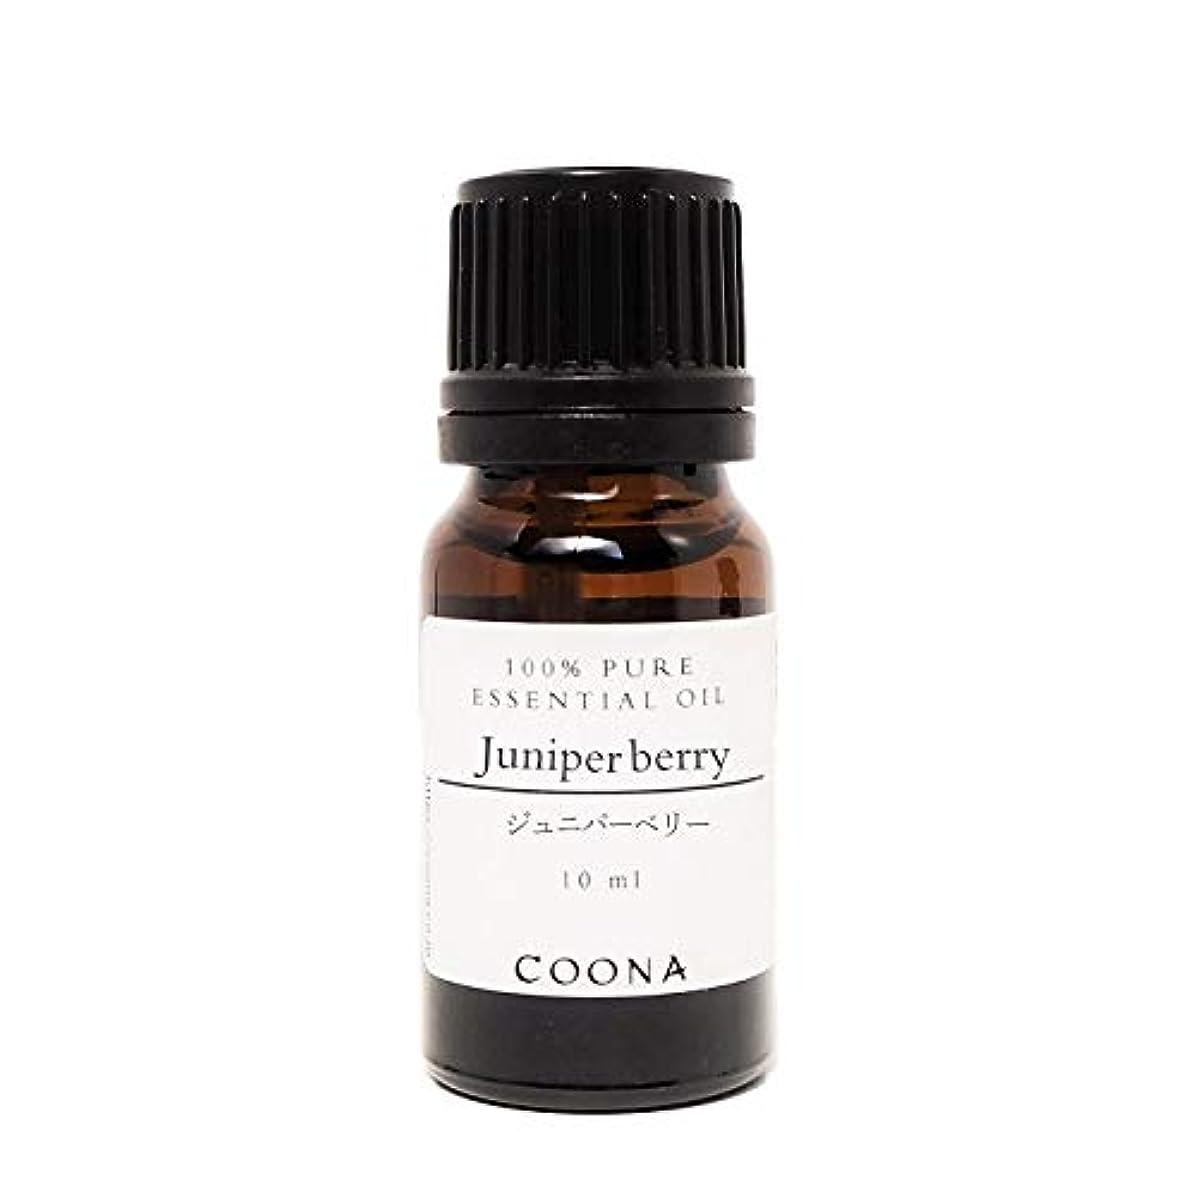 模索いつかびっくりしたジュニパーベリー 10 ml (COONA エッセンシャルオイル アロマオイル 100%天然植物精油)